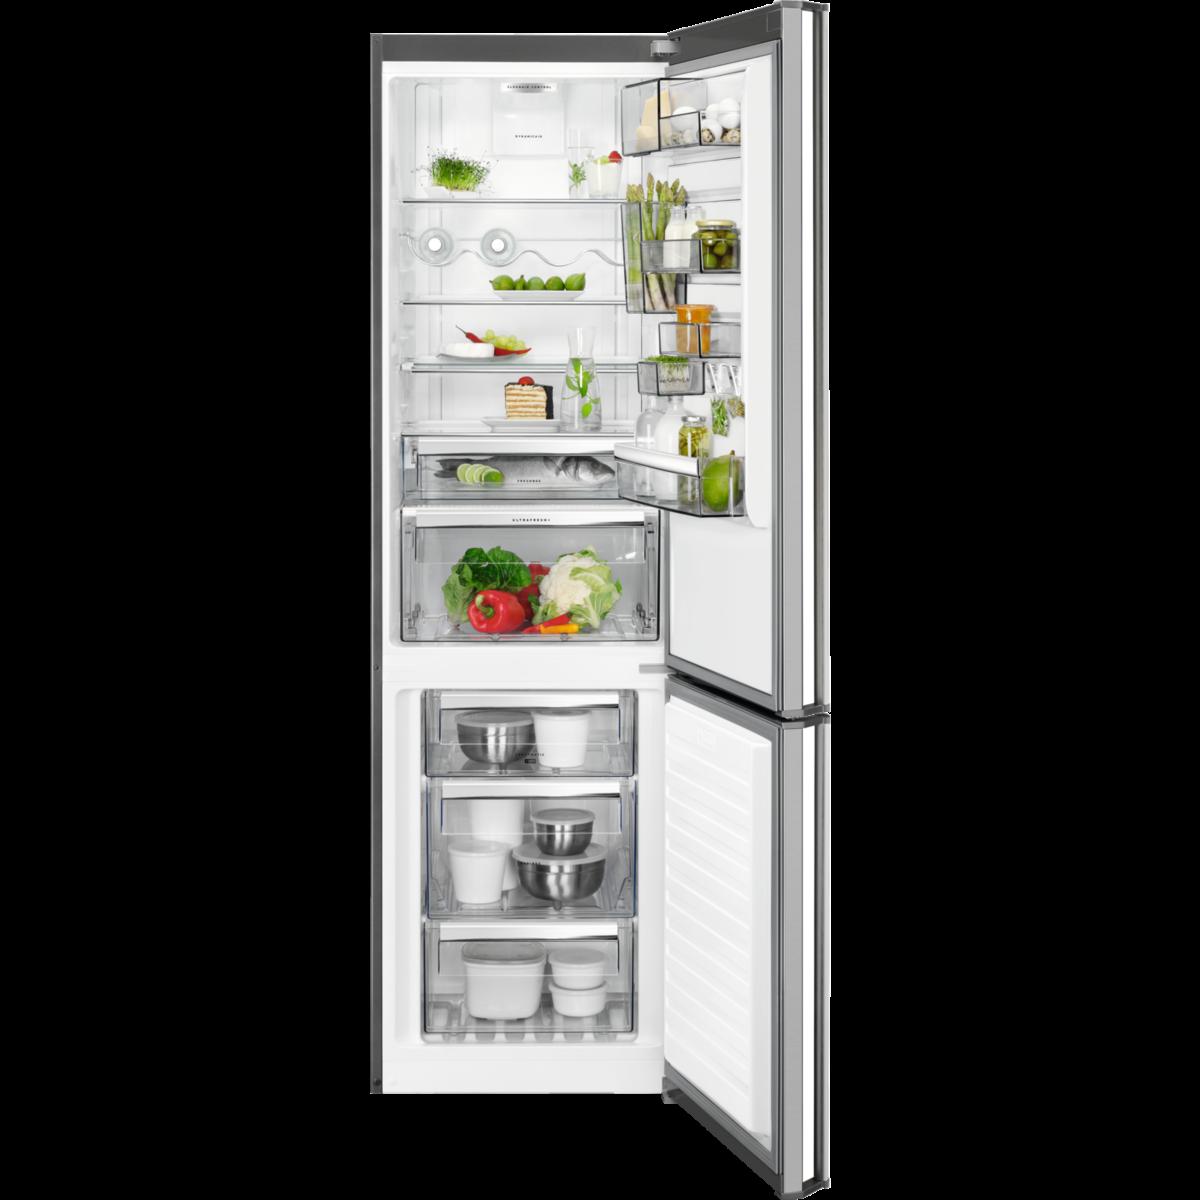 Brīvstāvošs ledusskapis ar saldētavu